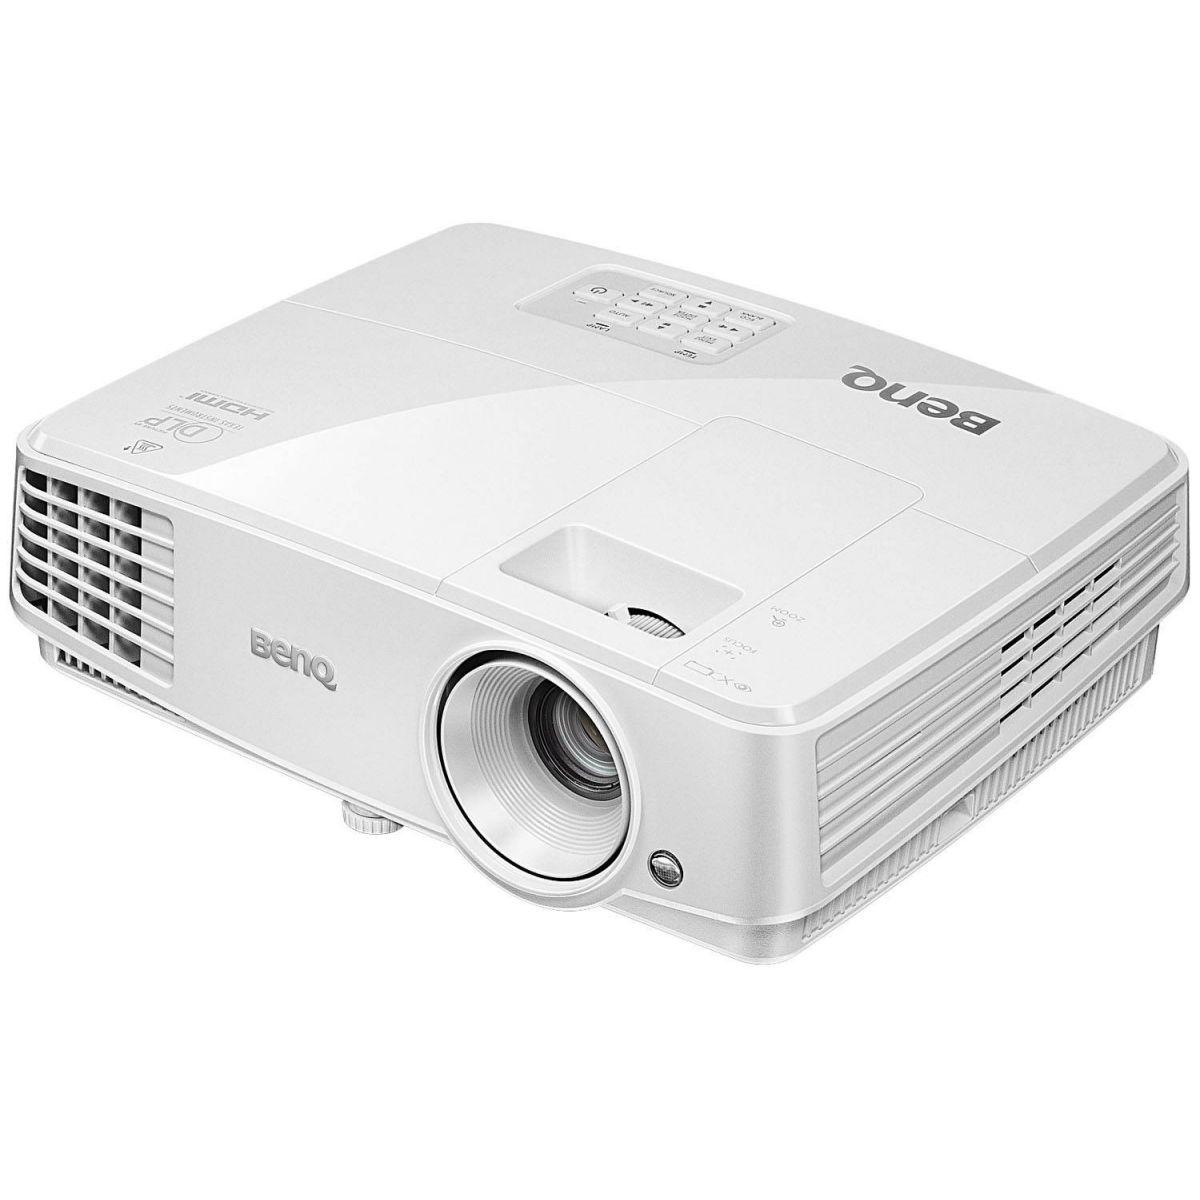 Projetor 3200 Lumens MX525B - Benq